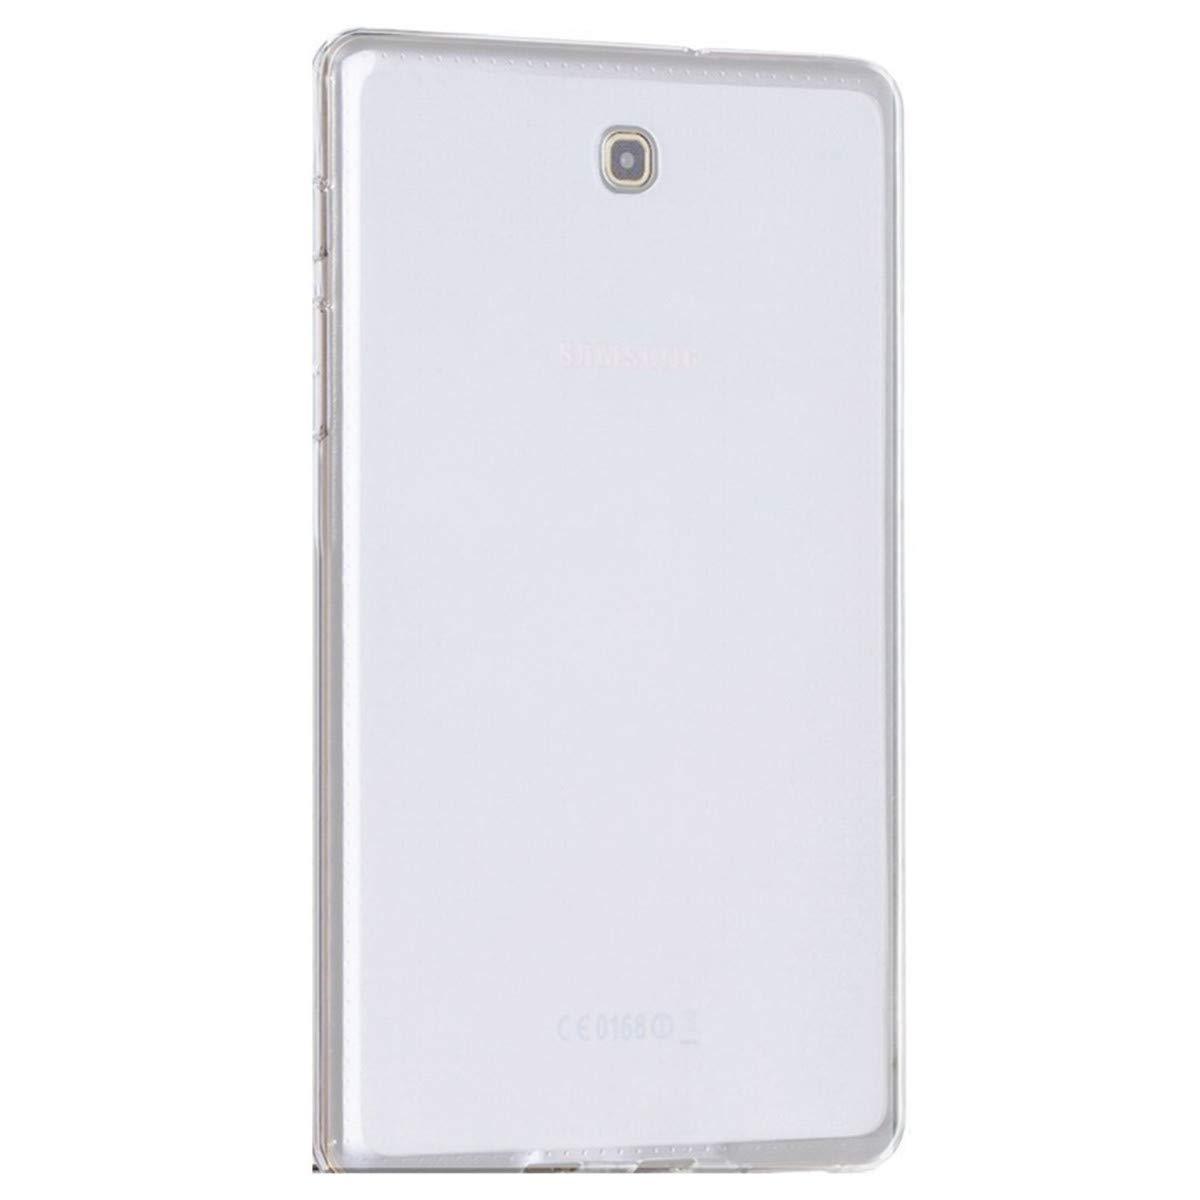 Funda Samsung Galaxy Tab S2 8.0 ICOVERCASE [77VN7T34]